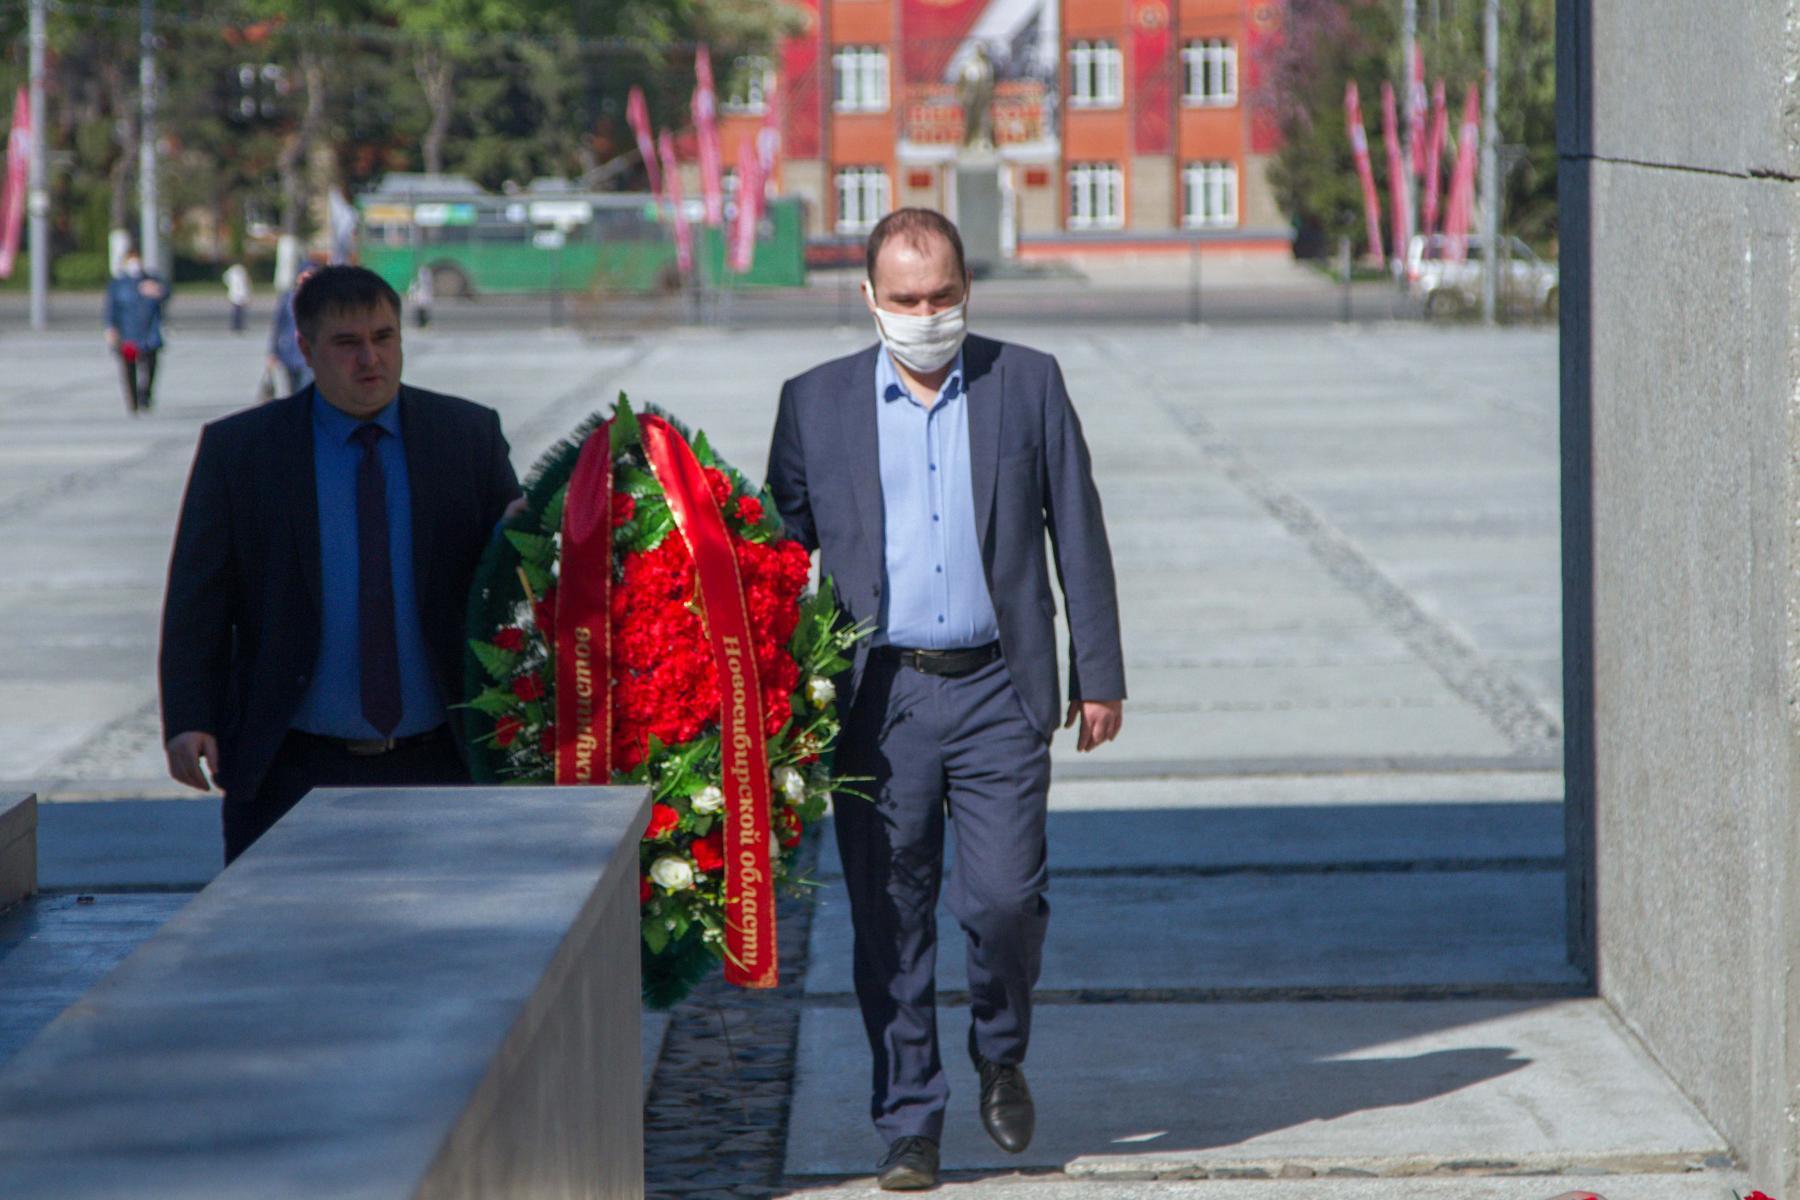 Фото Новосибирцы 9 мая идут к Вечному огню, несмотря на коронавирус 9